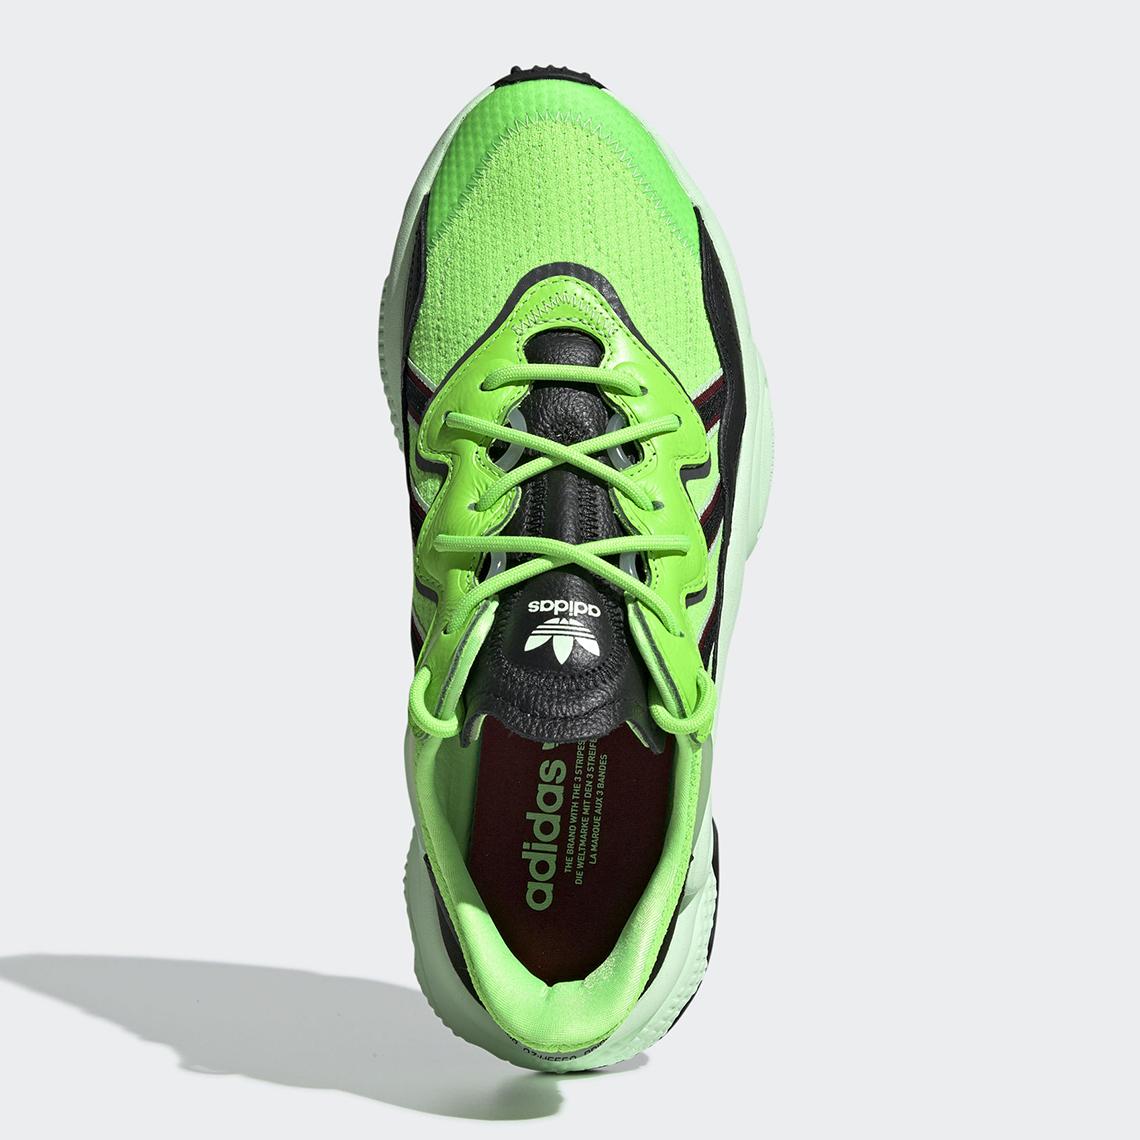 adidas-ozweego-neon-green-ee7008-4.jpg